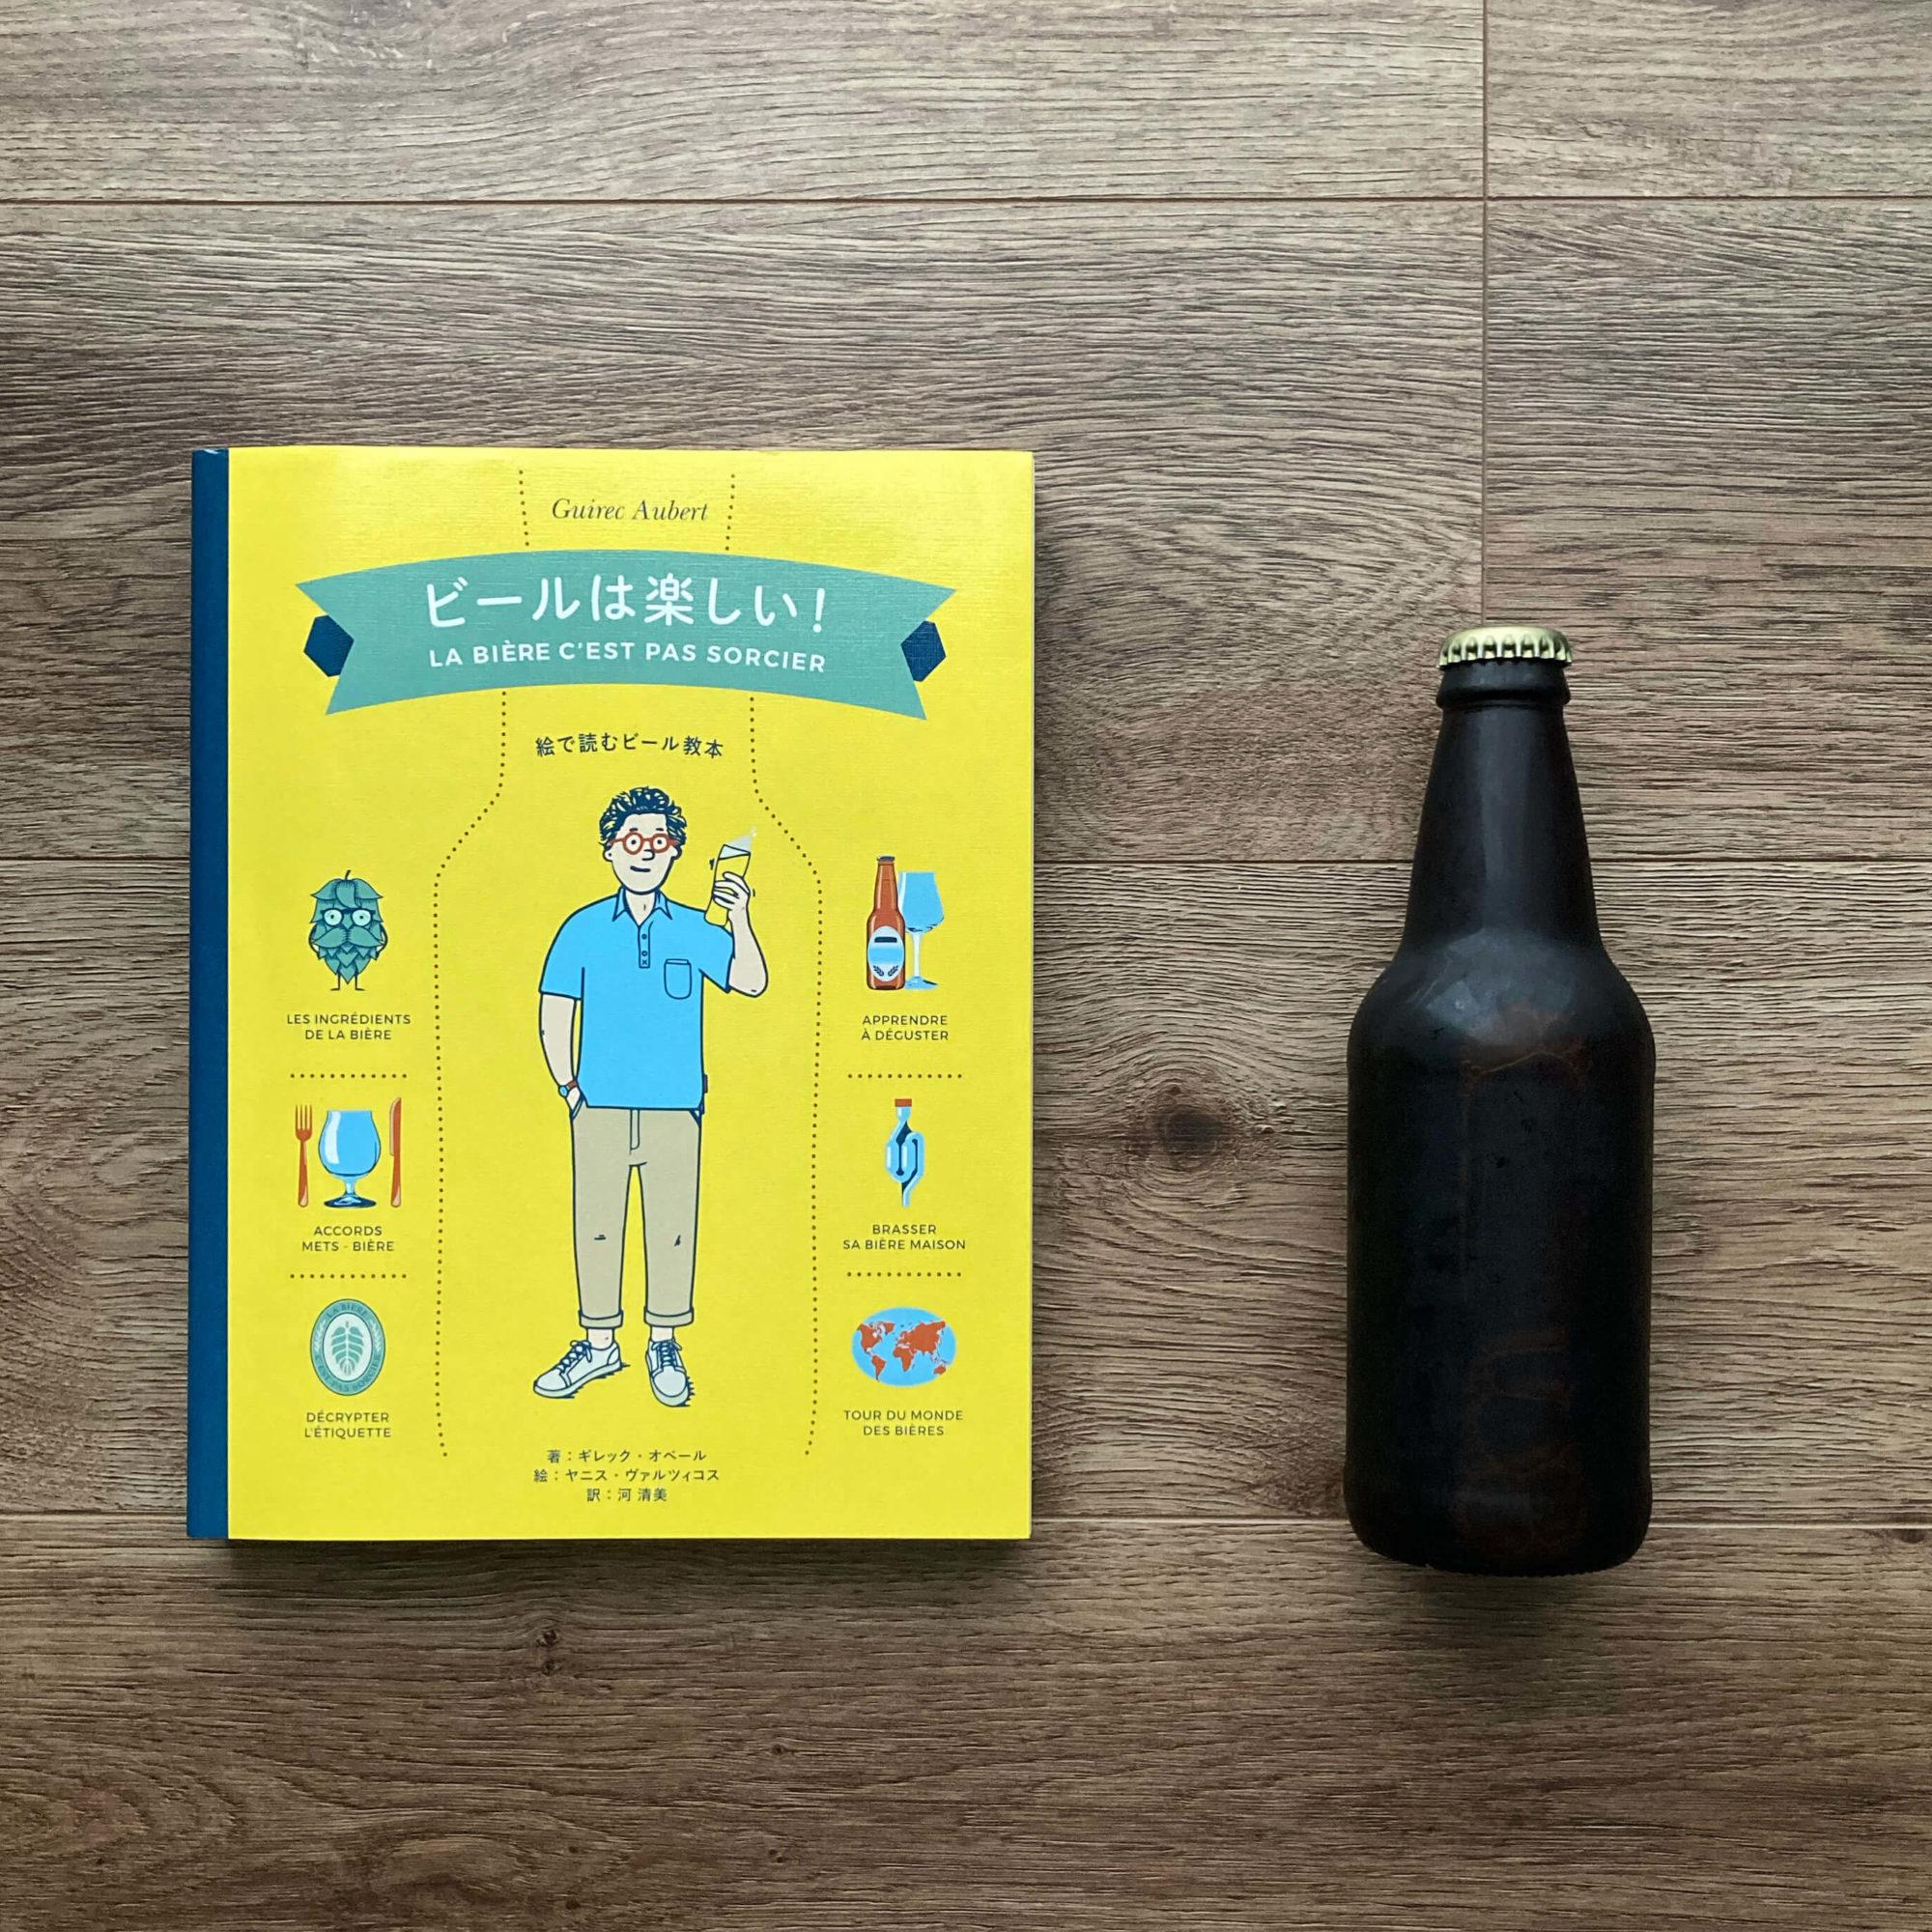 ビールは楽しい!という書籍の写真